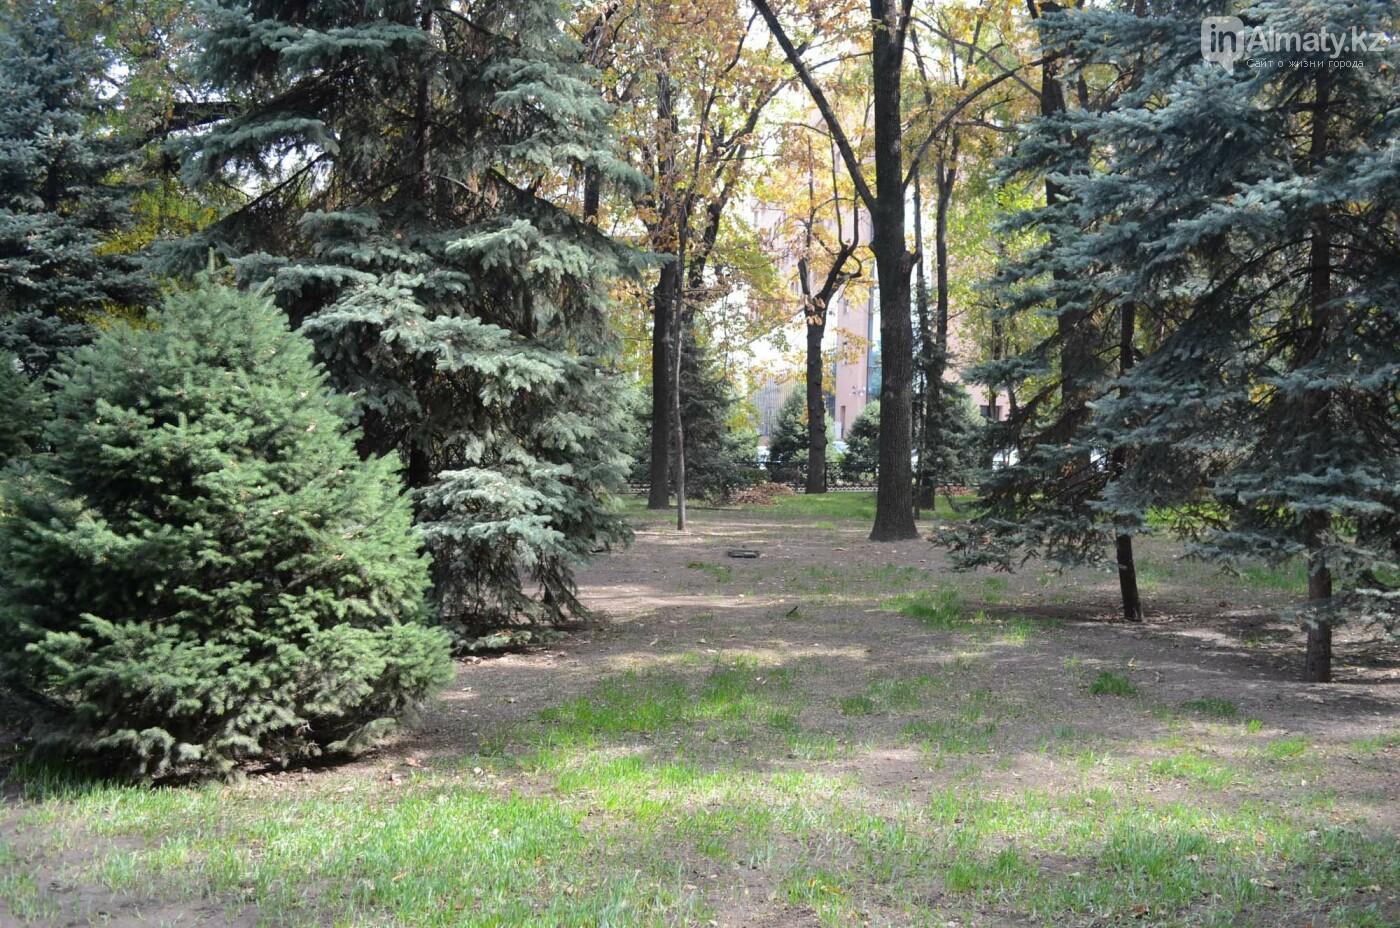 Как изменился парк 28 гвардейцев-панфиловцев в Алматы после реконструкции, фото-5